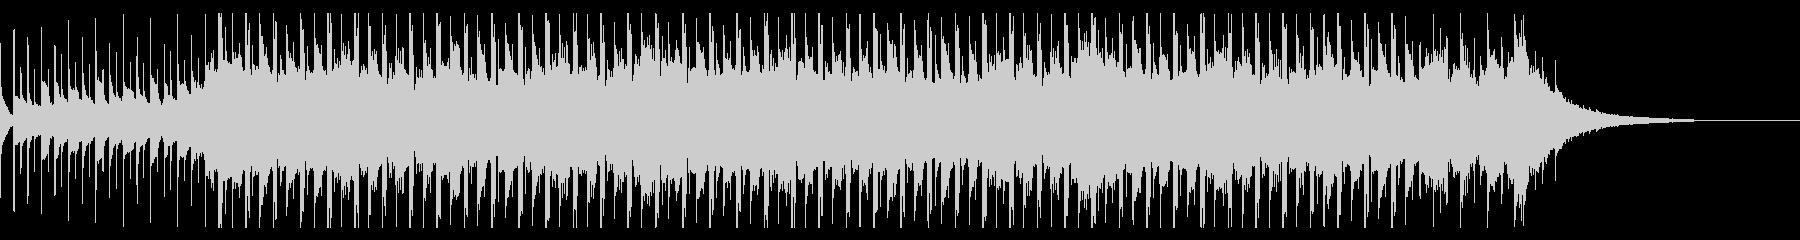 戦略(30秒)の未再生の波形